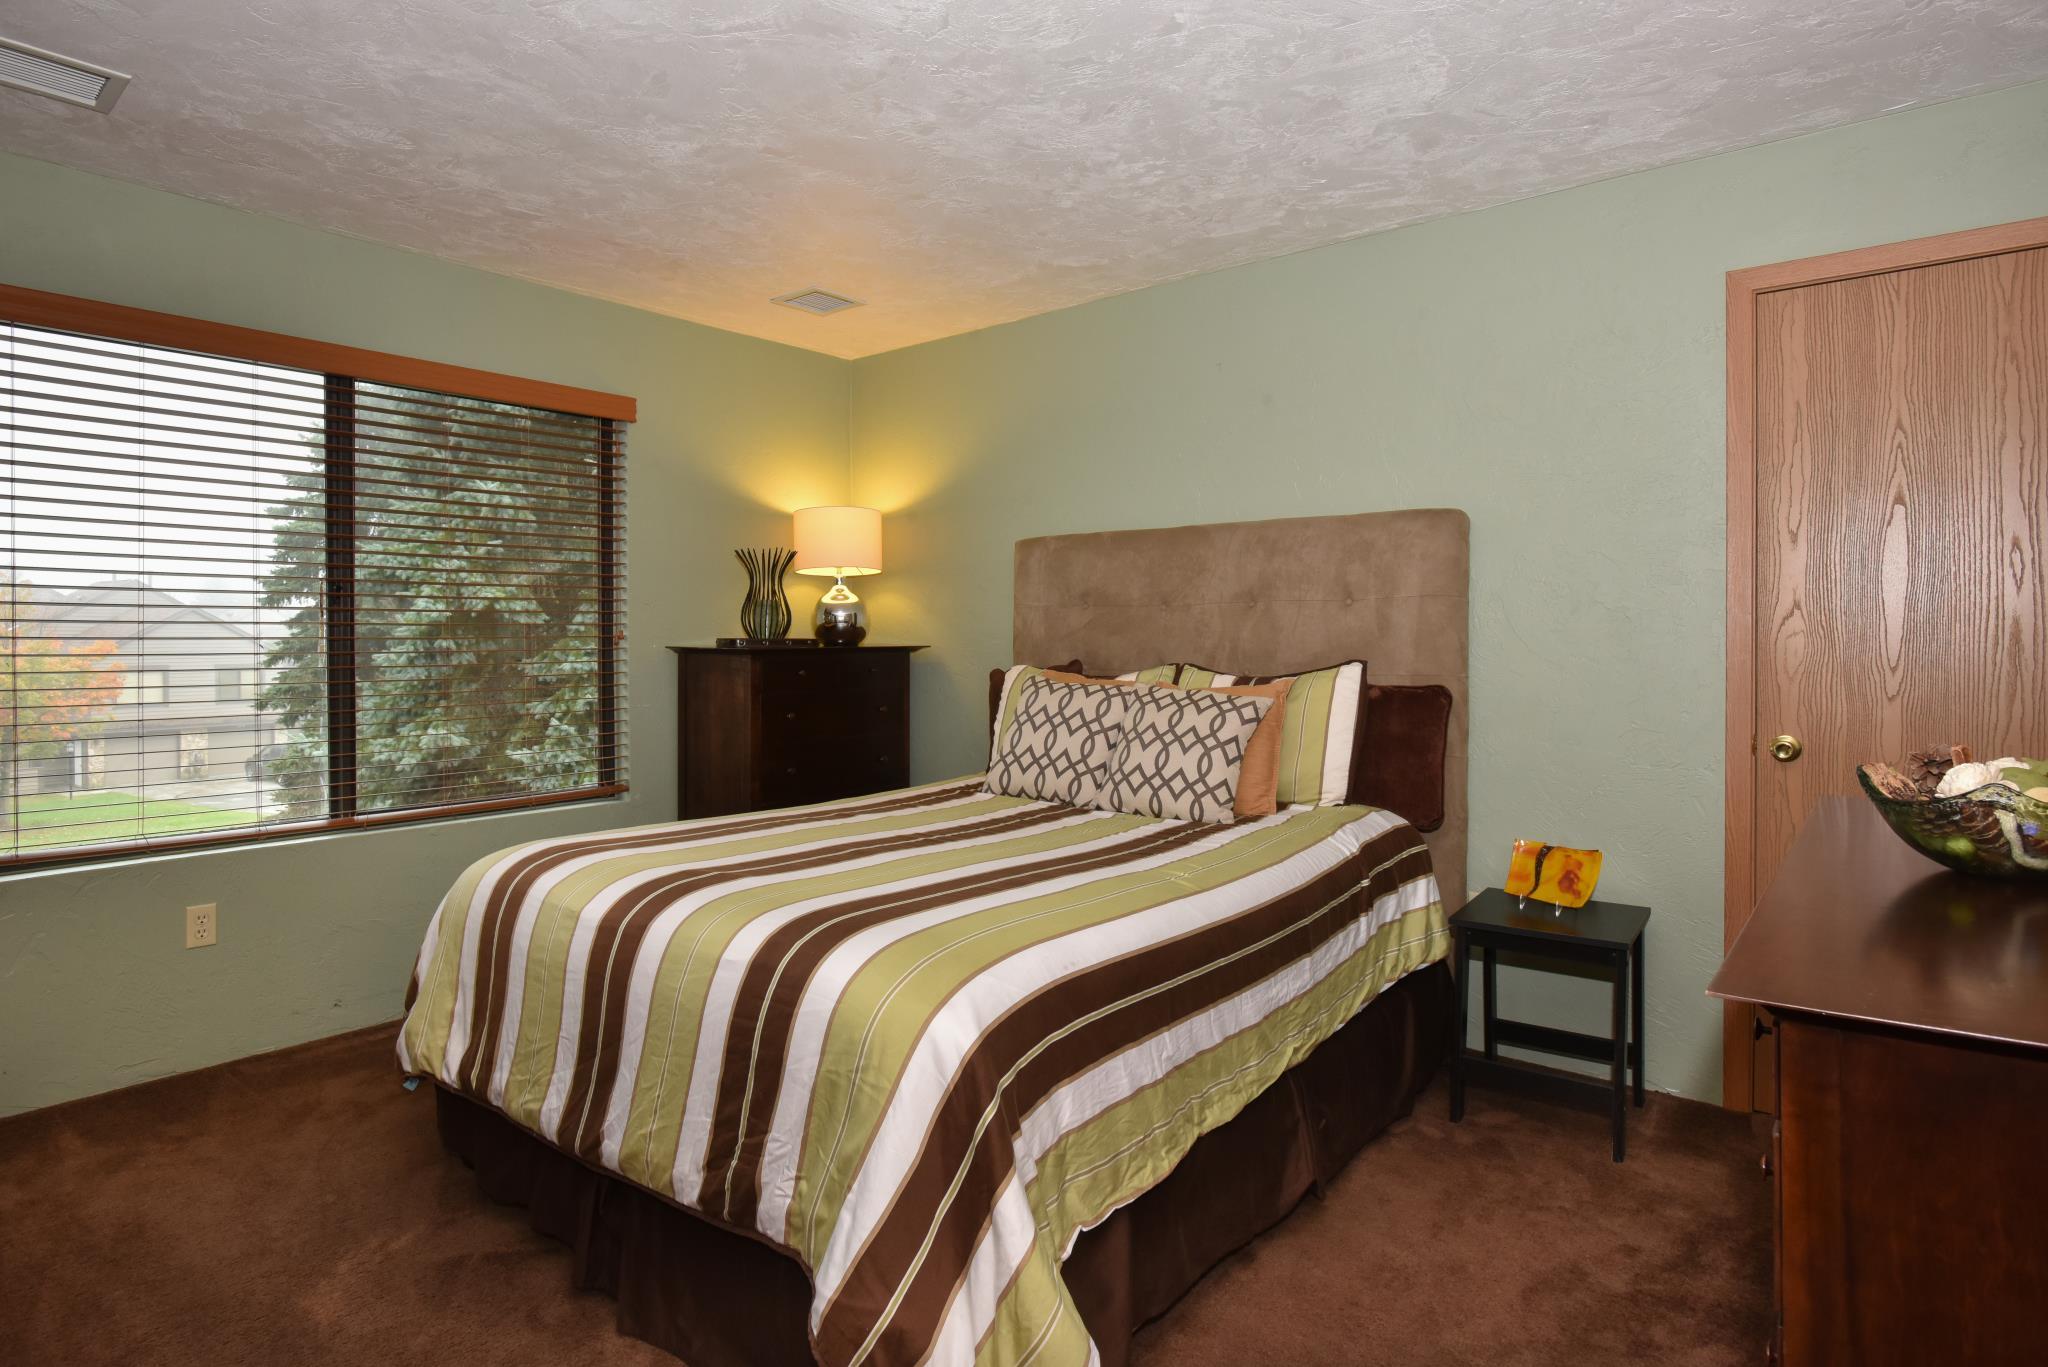 sample photo ks bedroom 1 GOLD.jpg